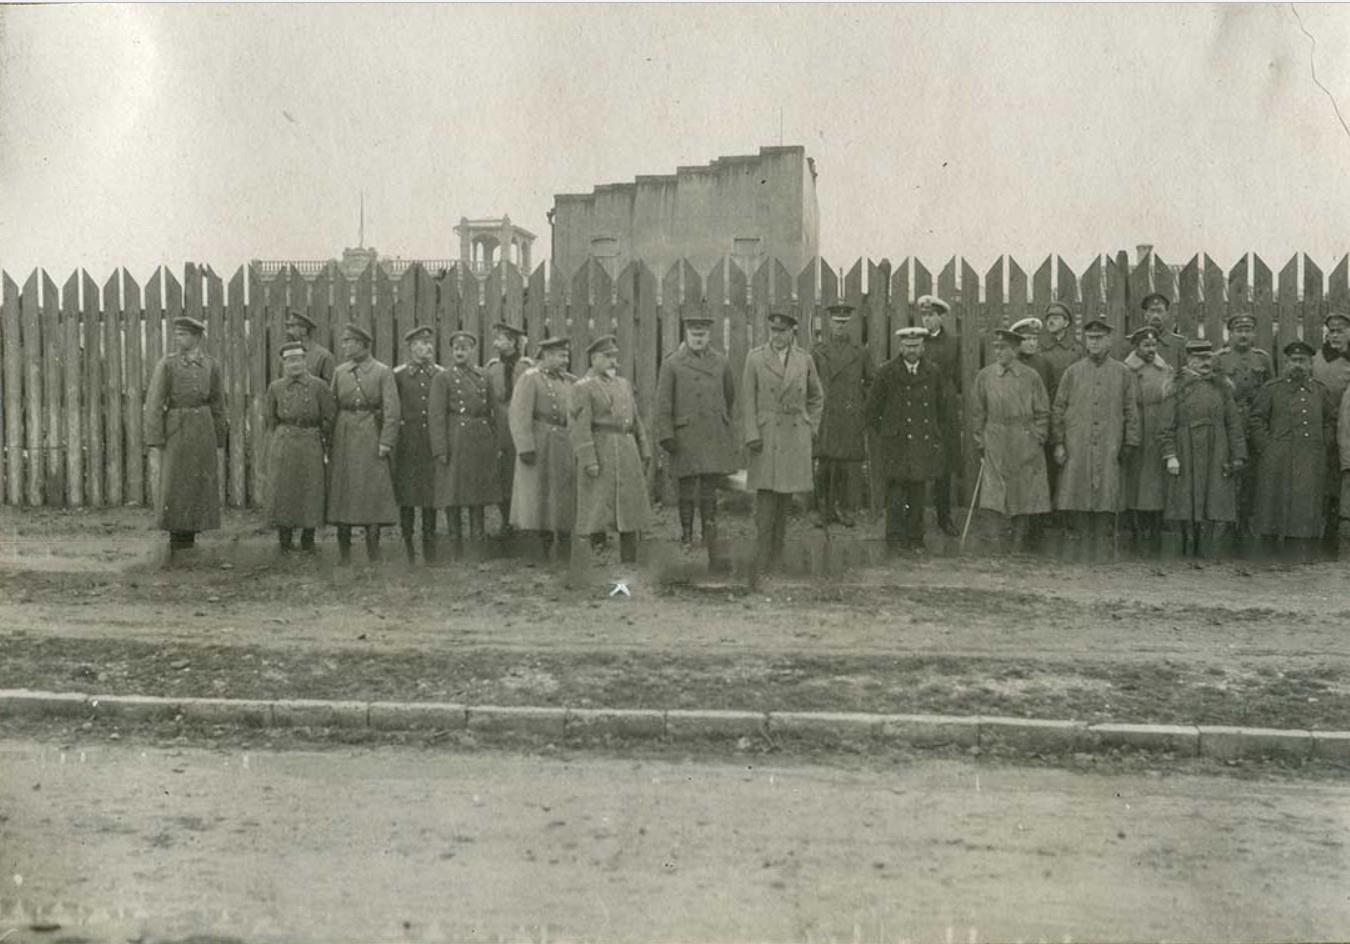 Генерал Деникин и его штаб перед прохождением торжественным строем британских войск